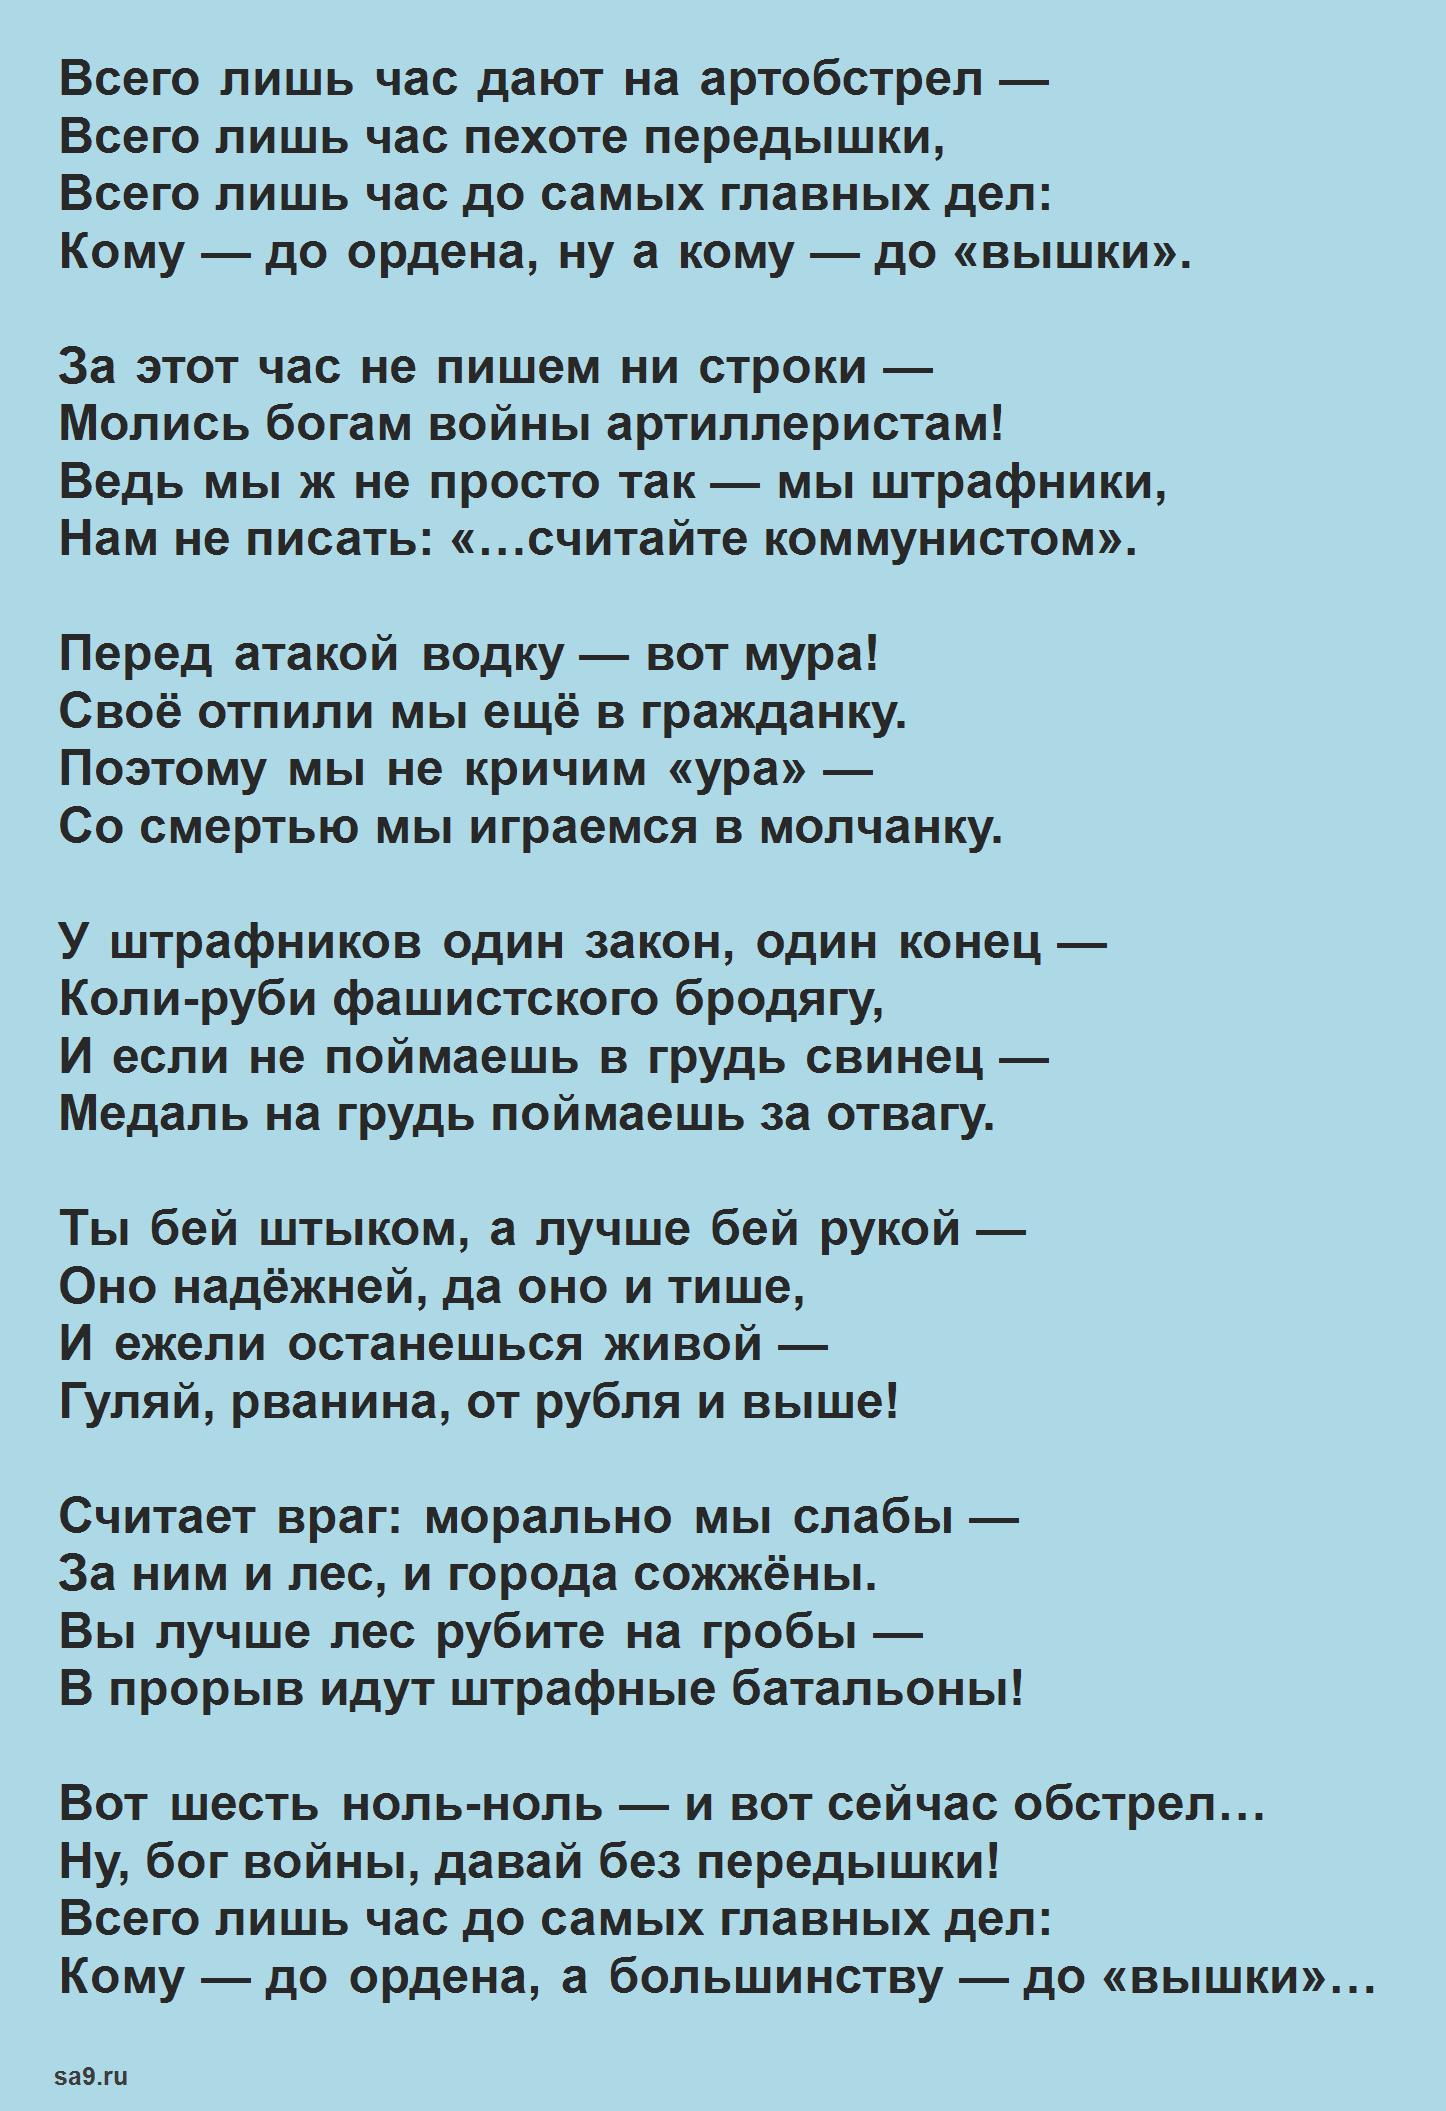 Стихи Высоцкого о войне - Штрафные батальоны